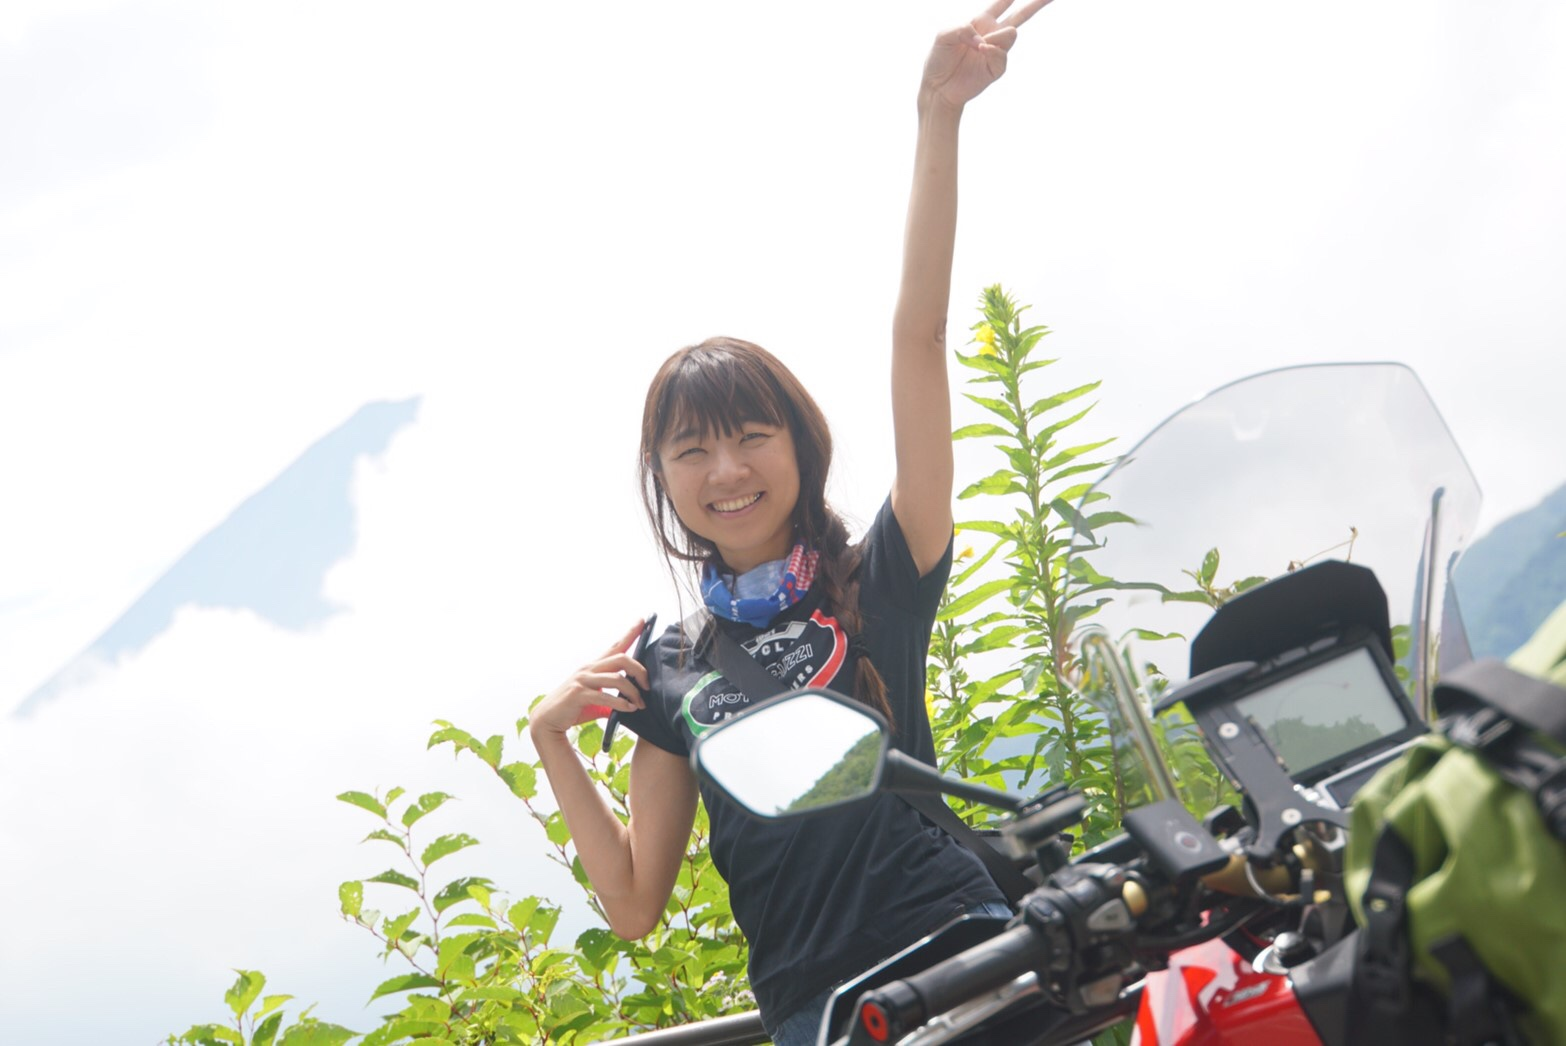 インスタバイク女性ライダーkanae「富士山・富士五湖ツーリング」